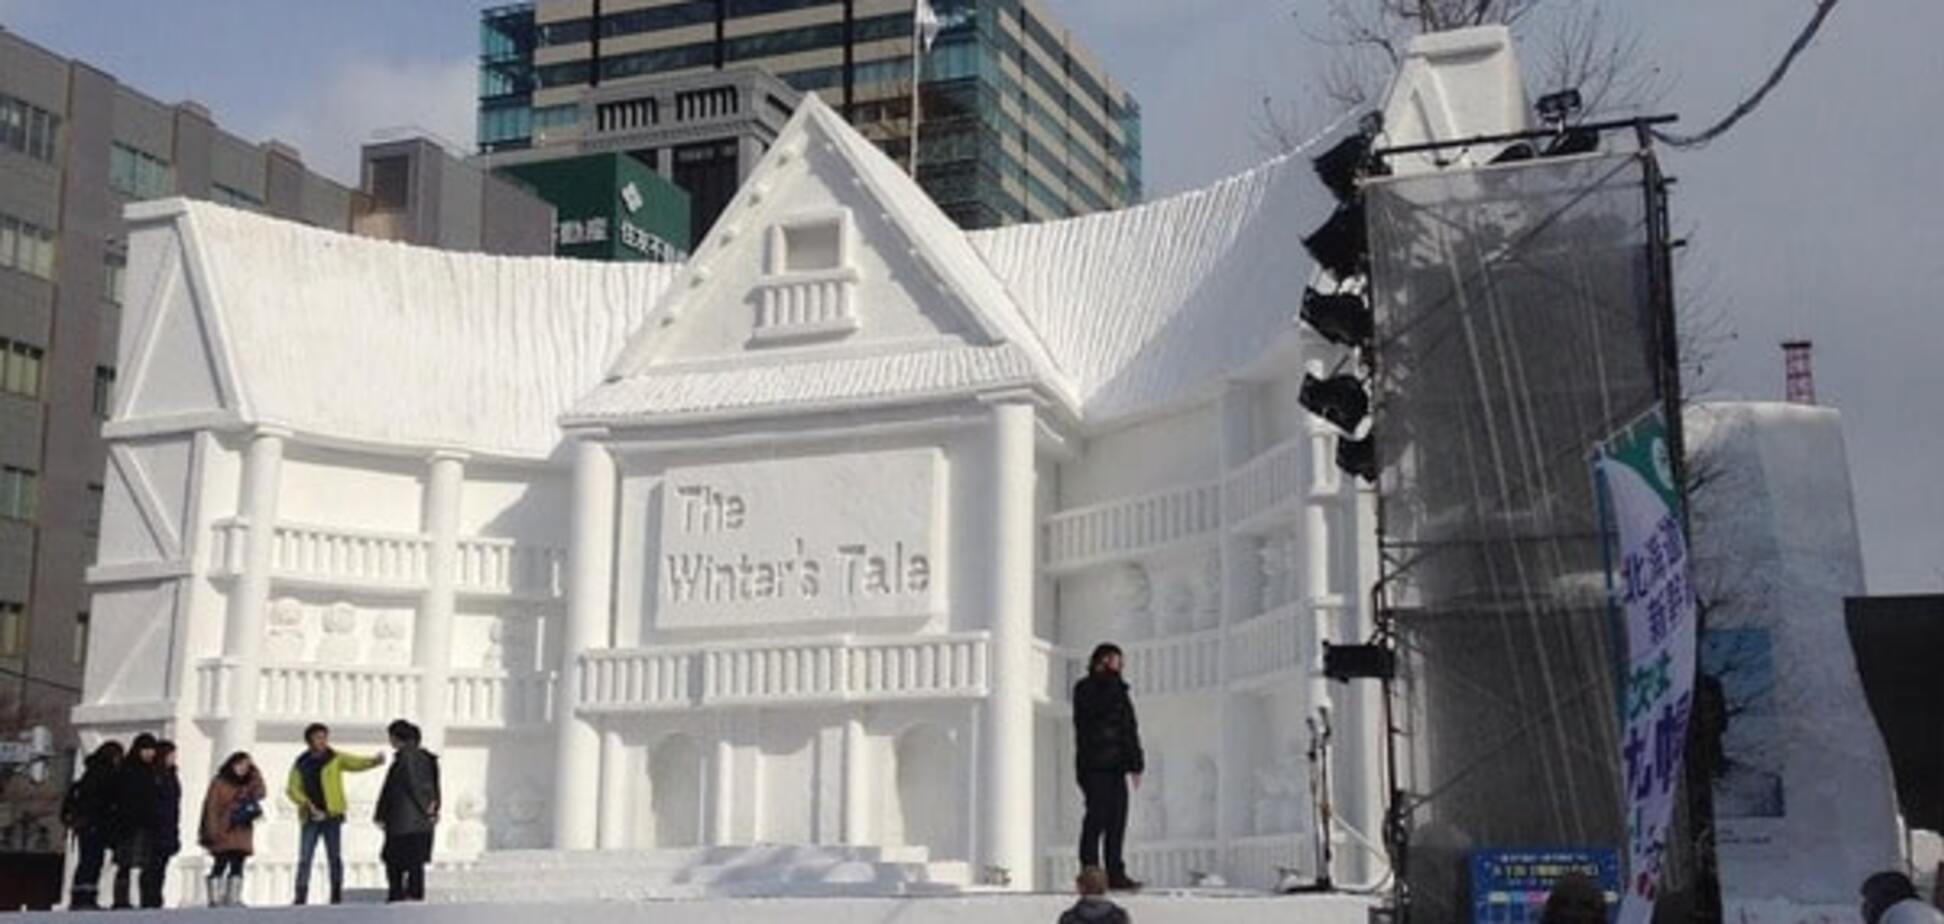 Неймовірна краса: японці створили фантастичні скульптури зі снігу. Фоторепортаж